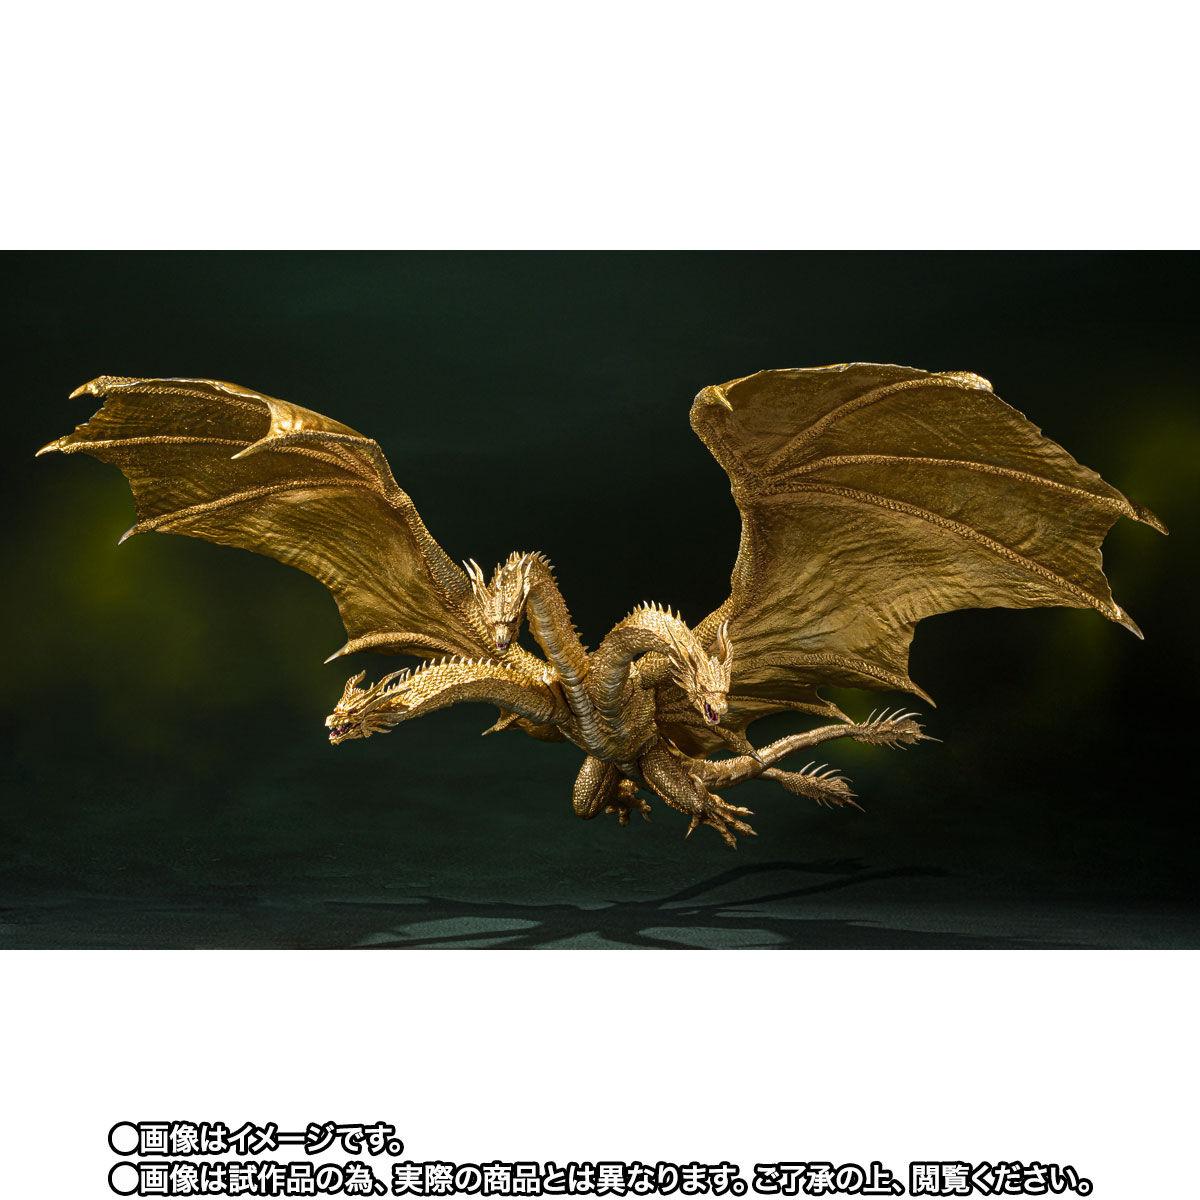 【限定販売】S.H.MonsterArts『キングギドラ(2019)Special Color Ver.』ゴジラ キング・オブ・モンスターズ 可動フィギュア-005